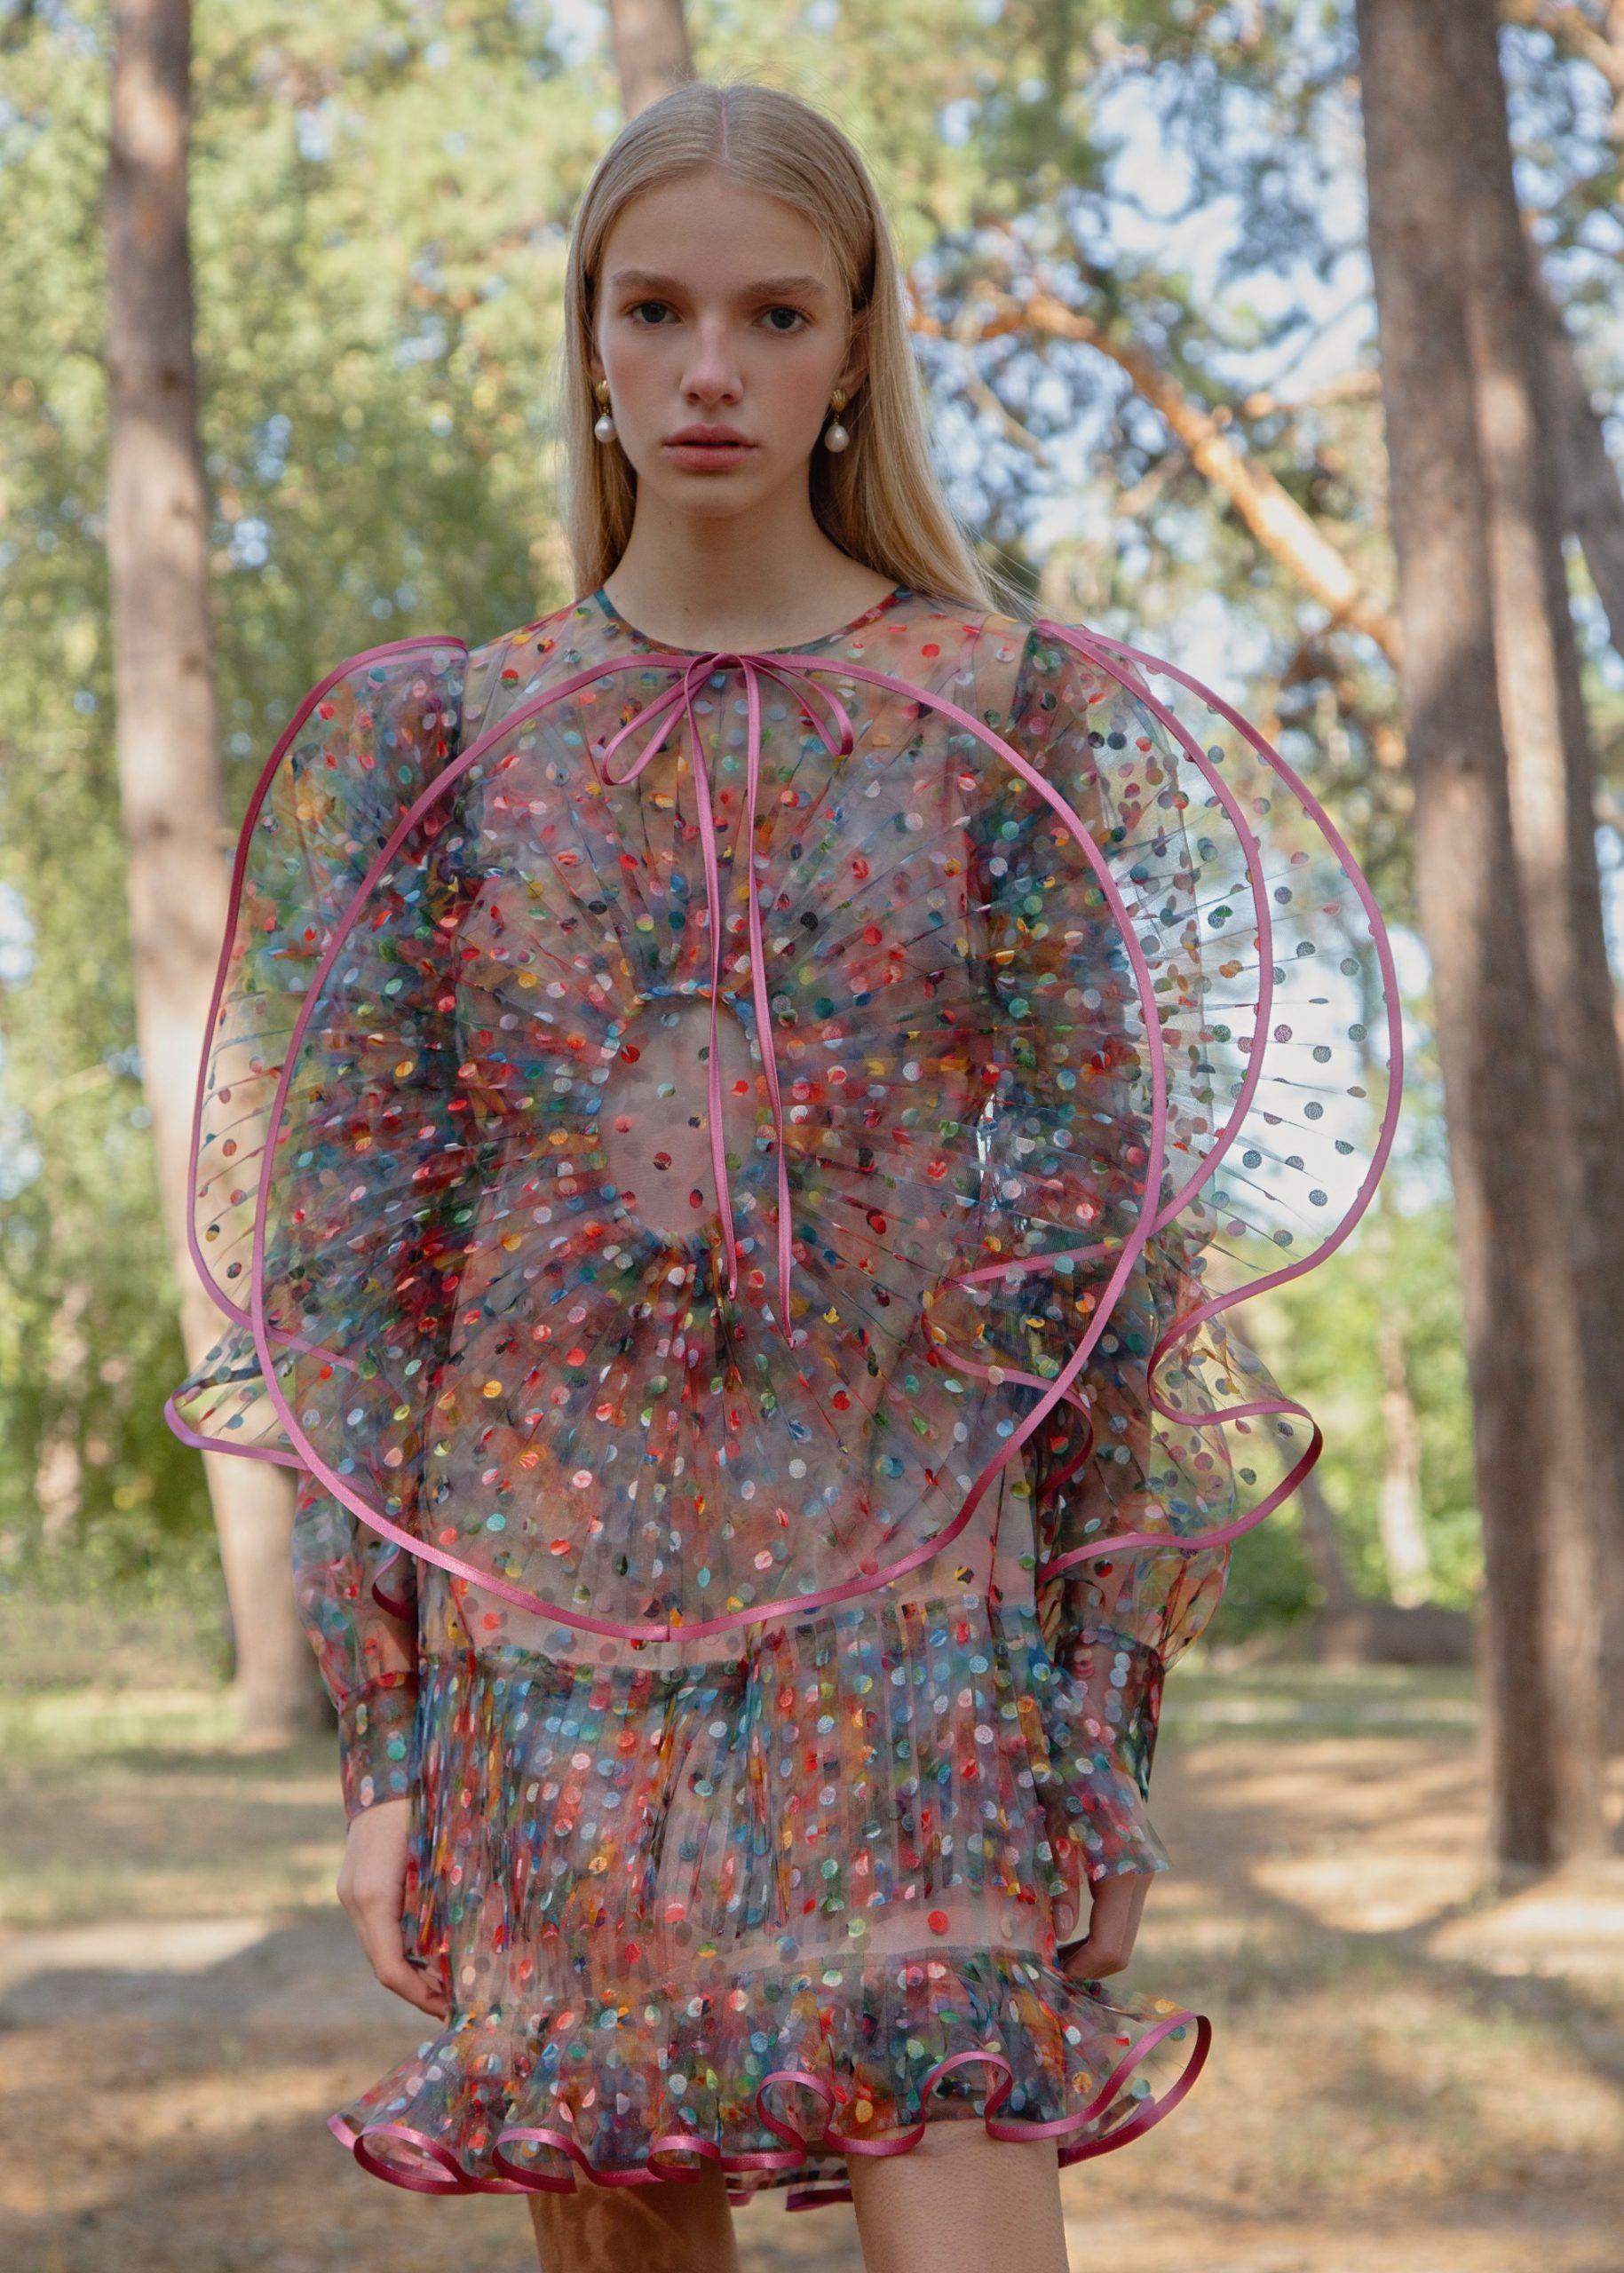 Платья-медузы с плиссированной органзой, блузки с пышными рукавами и мини-юбки в коллекции Nadya Dzyak SS 2021